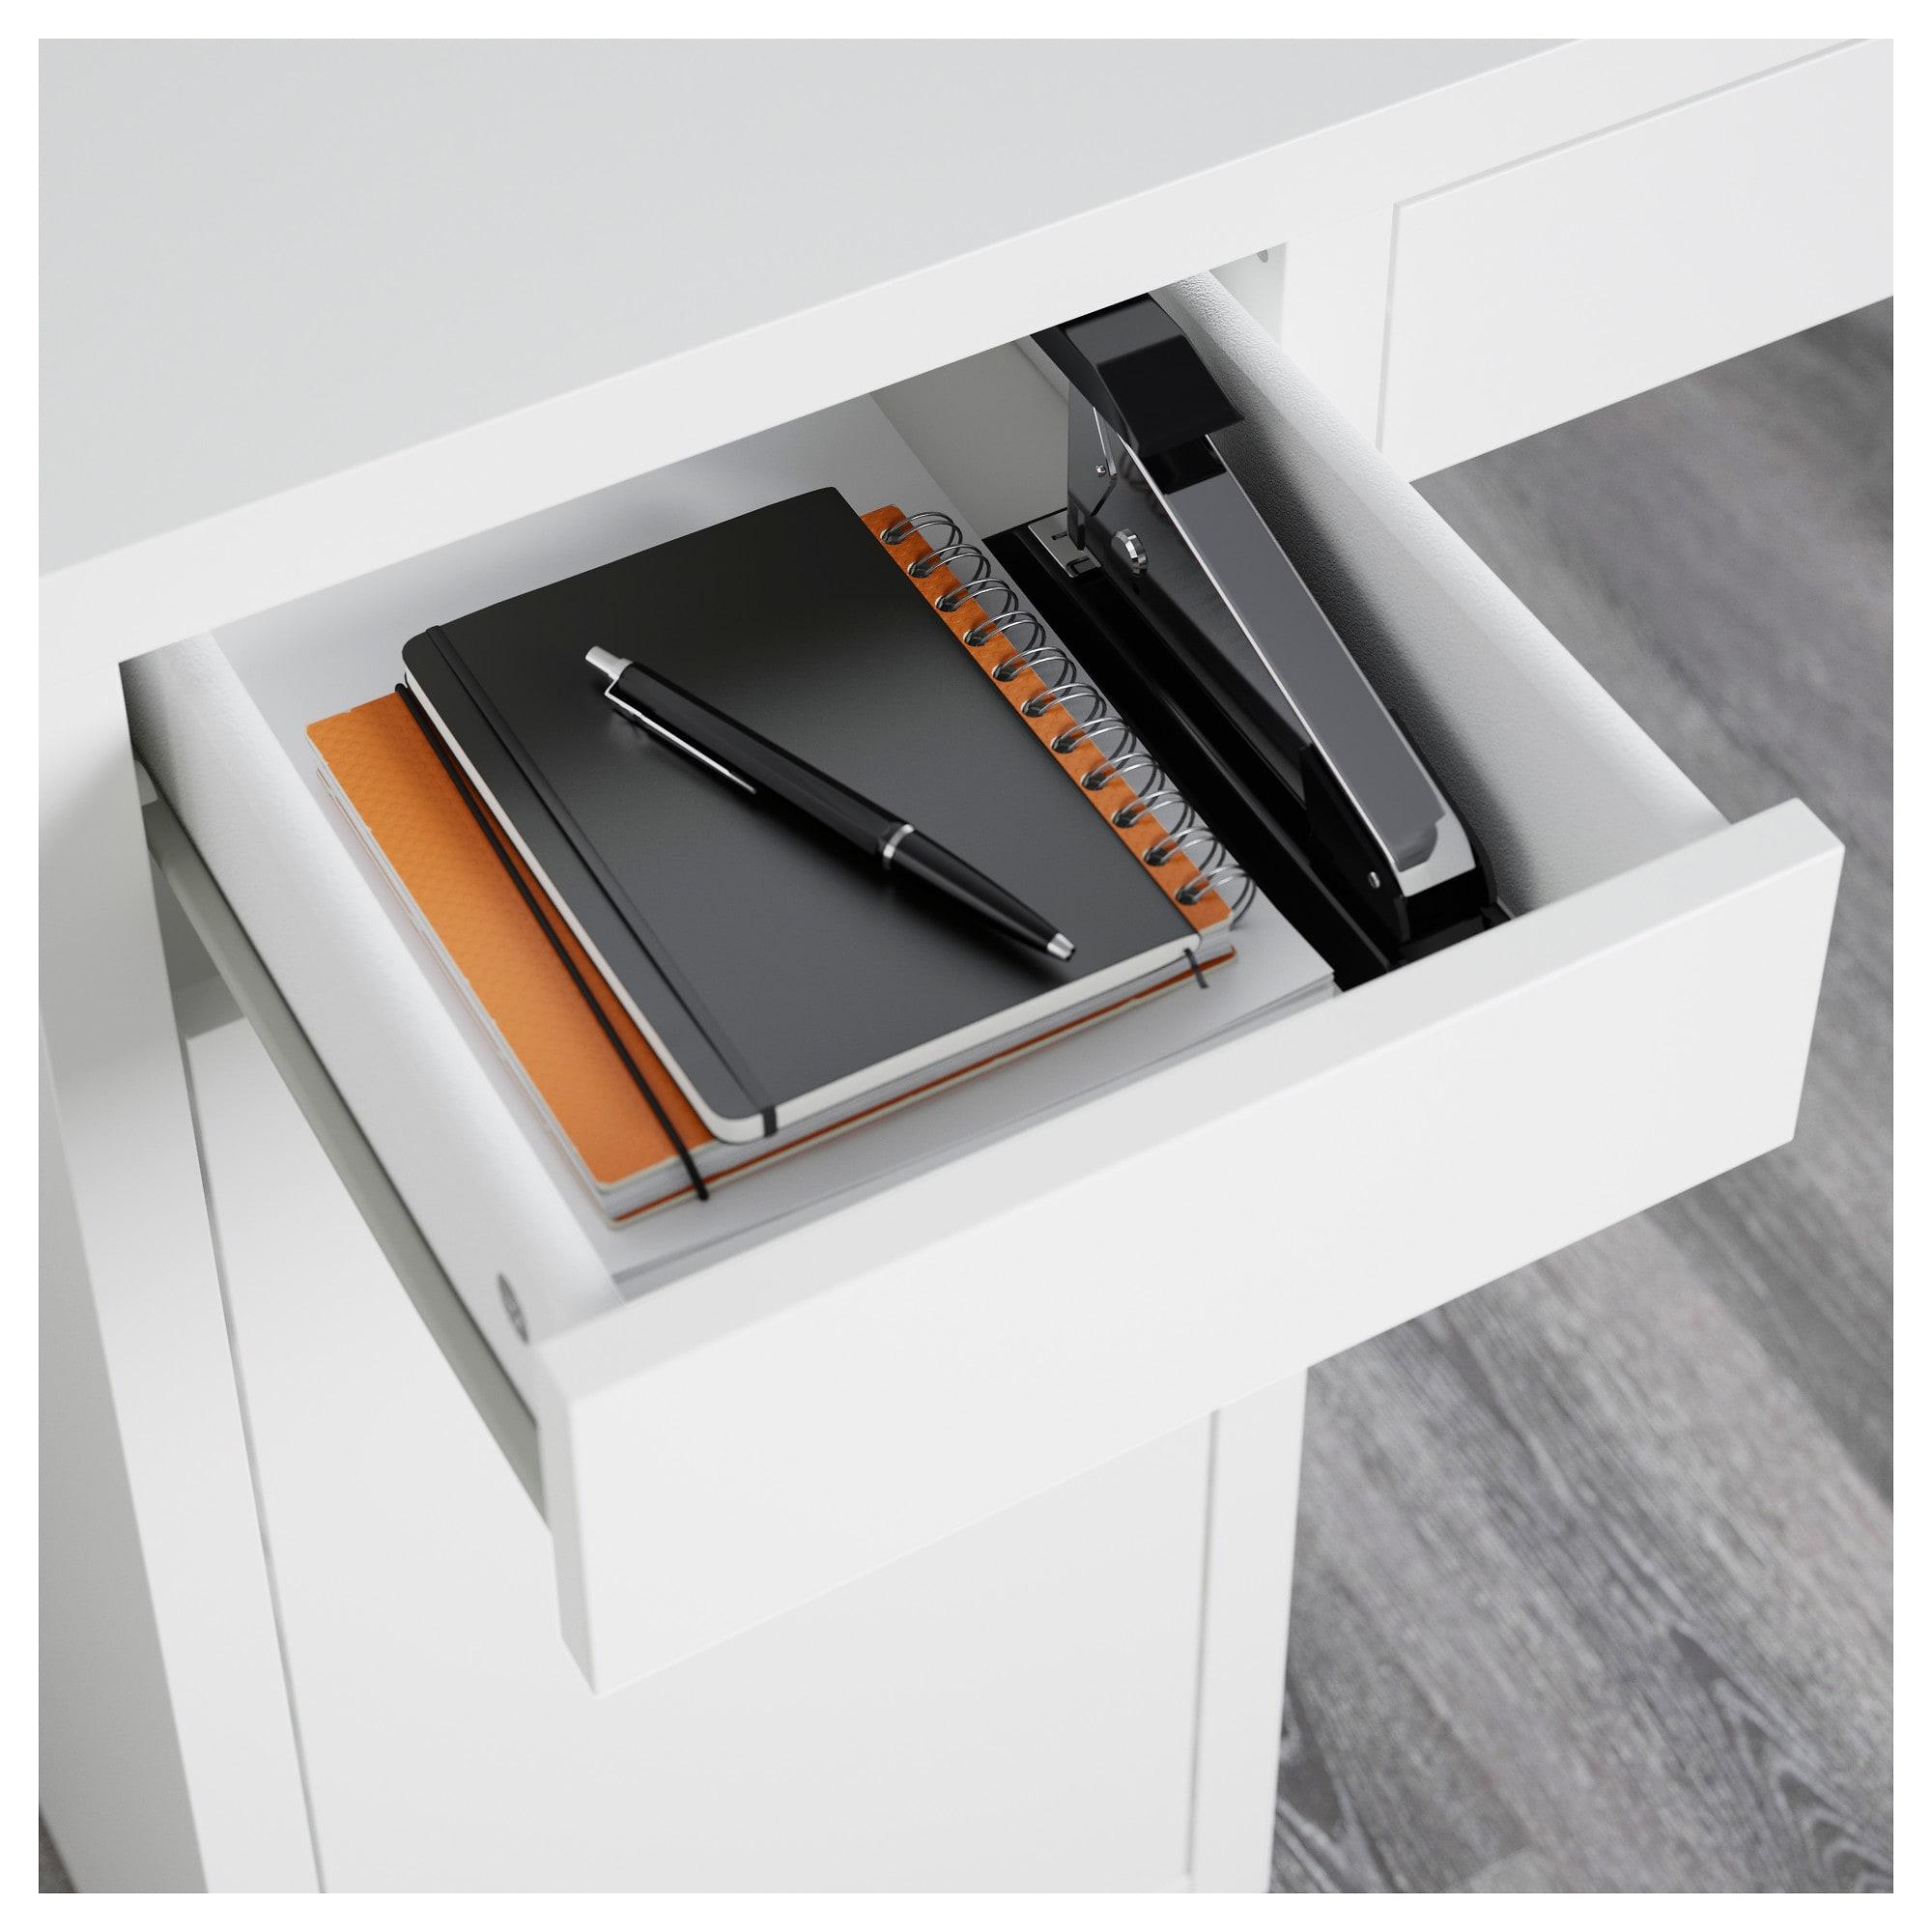 Protector Escritorio Ikea Q0d4 Micke Escritorio Blanco 105 X 50 Cm Ikea